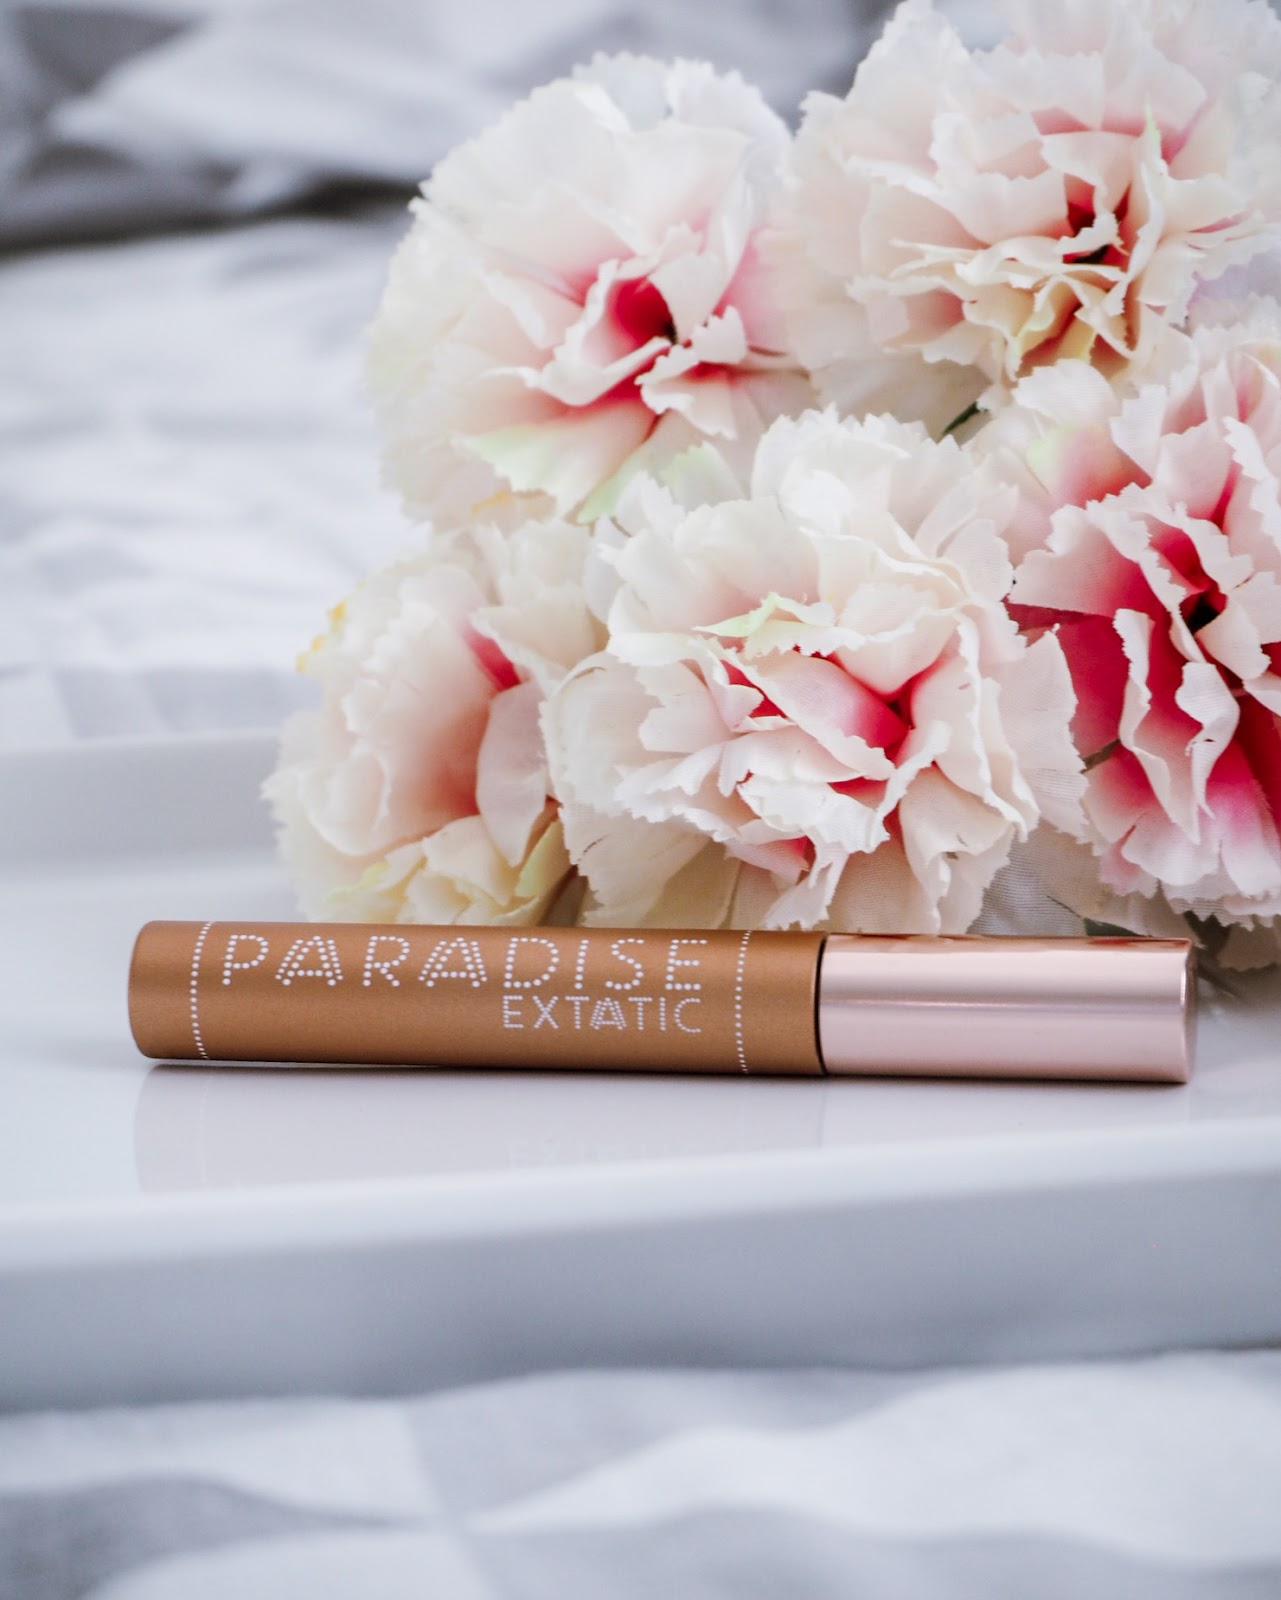 L'Oreal Paradise Mascara